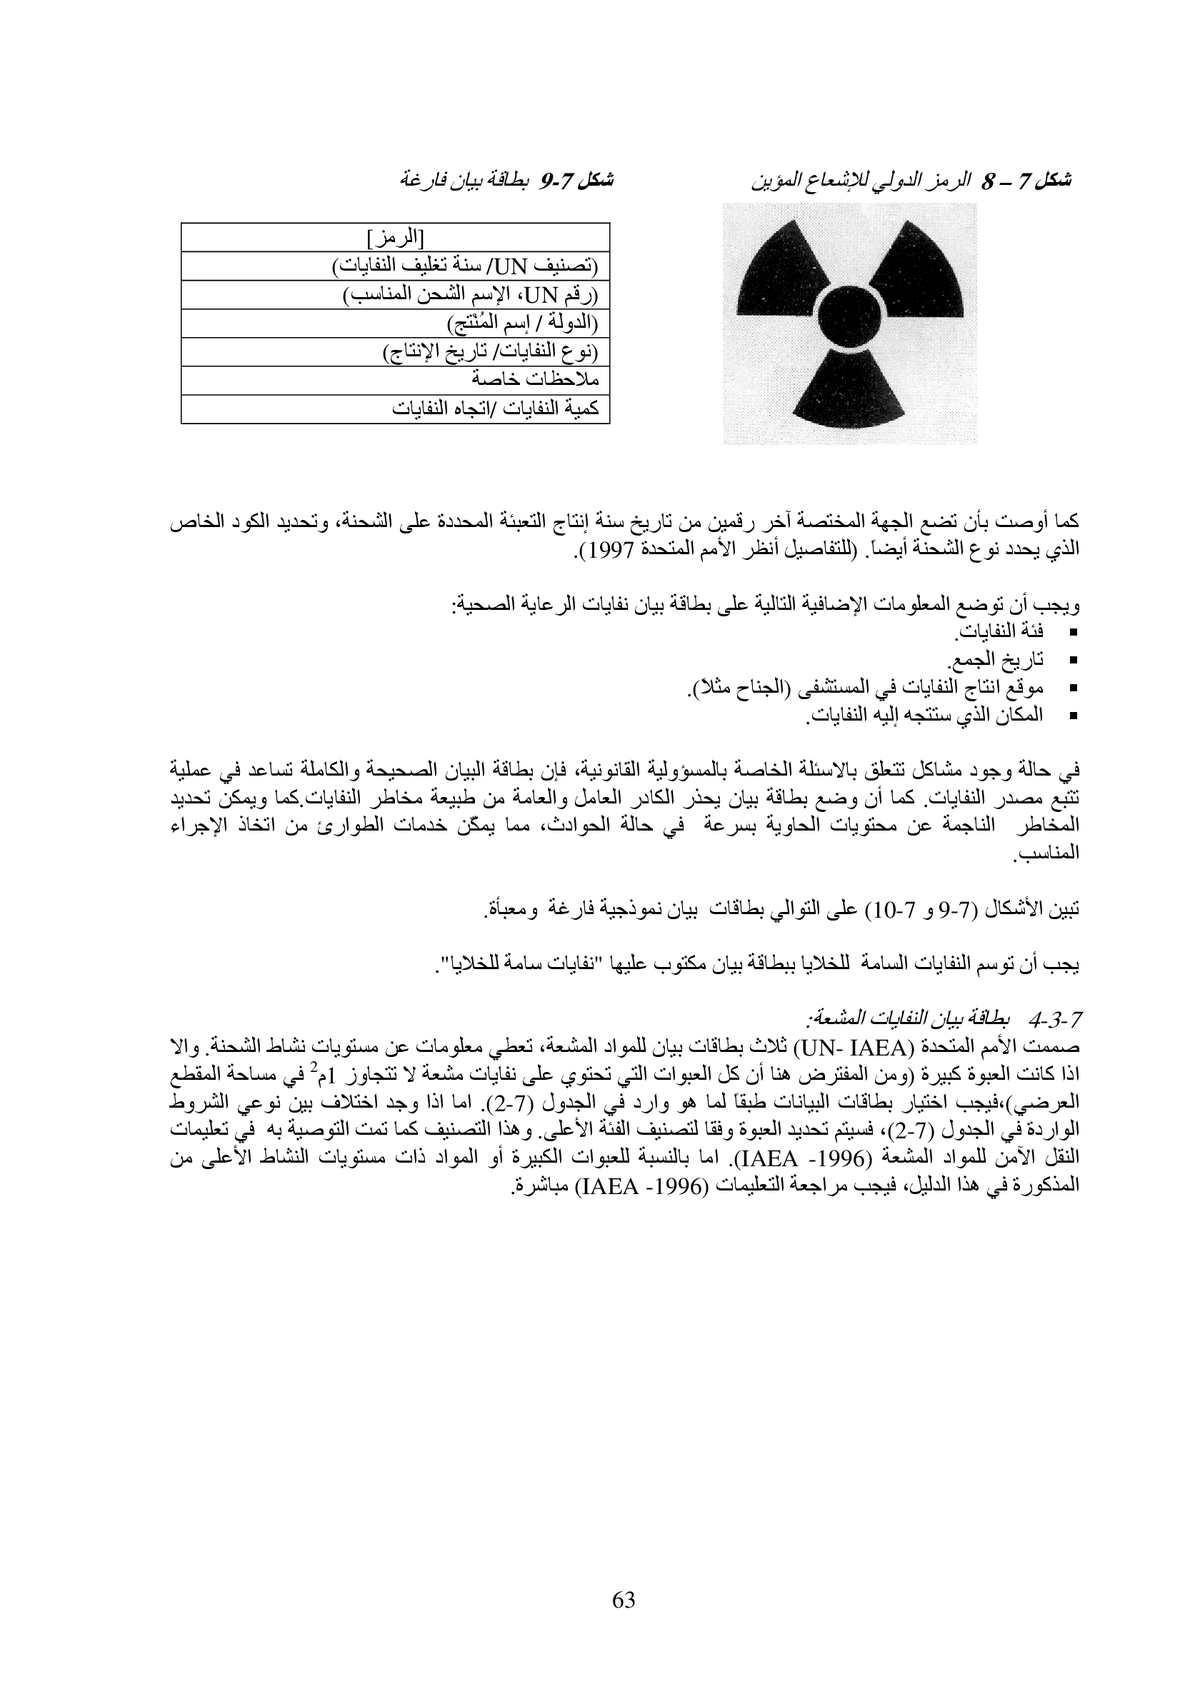 كتاب النفايات الطبية الصادر عن منظمة الصحة العالمية Calameo Downloader